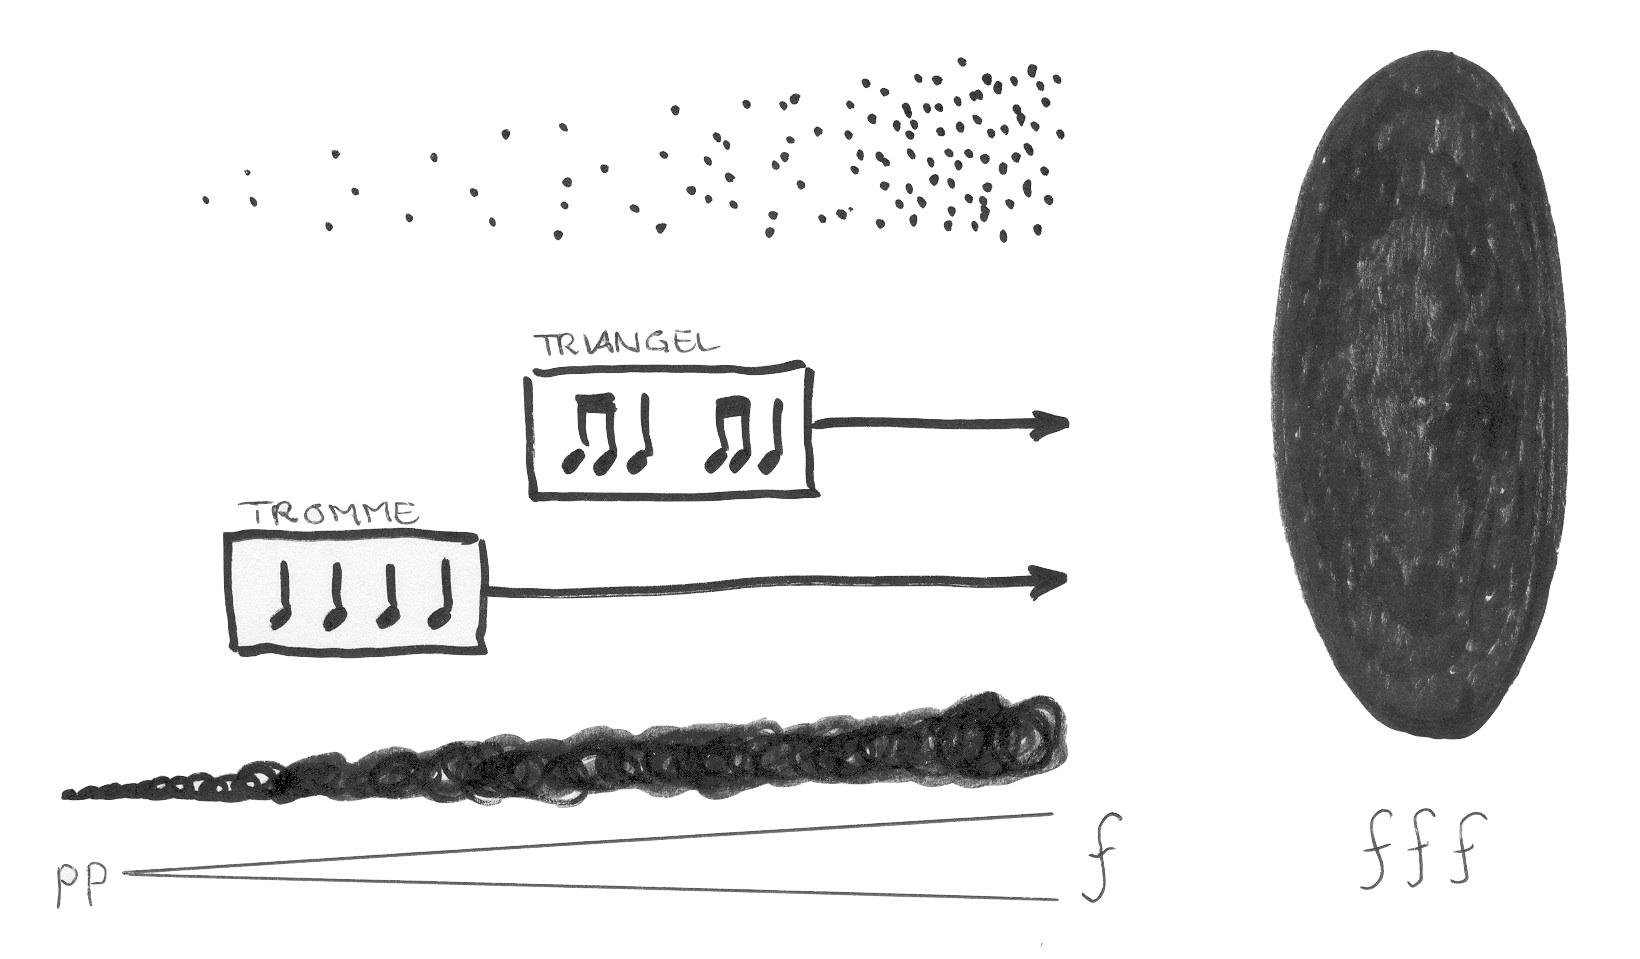 Eksempel På Grafisk Notasjon Som Kombinerer Tegninger, Tekst Og Noter